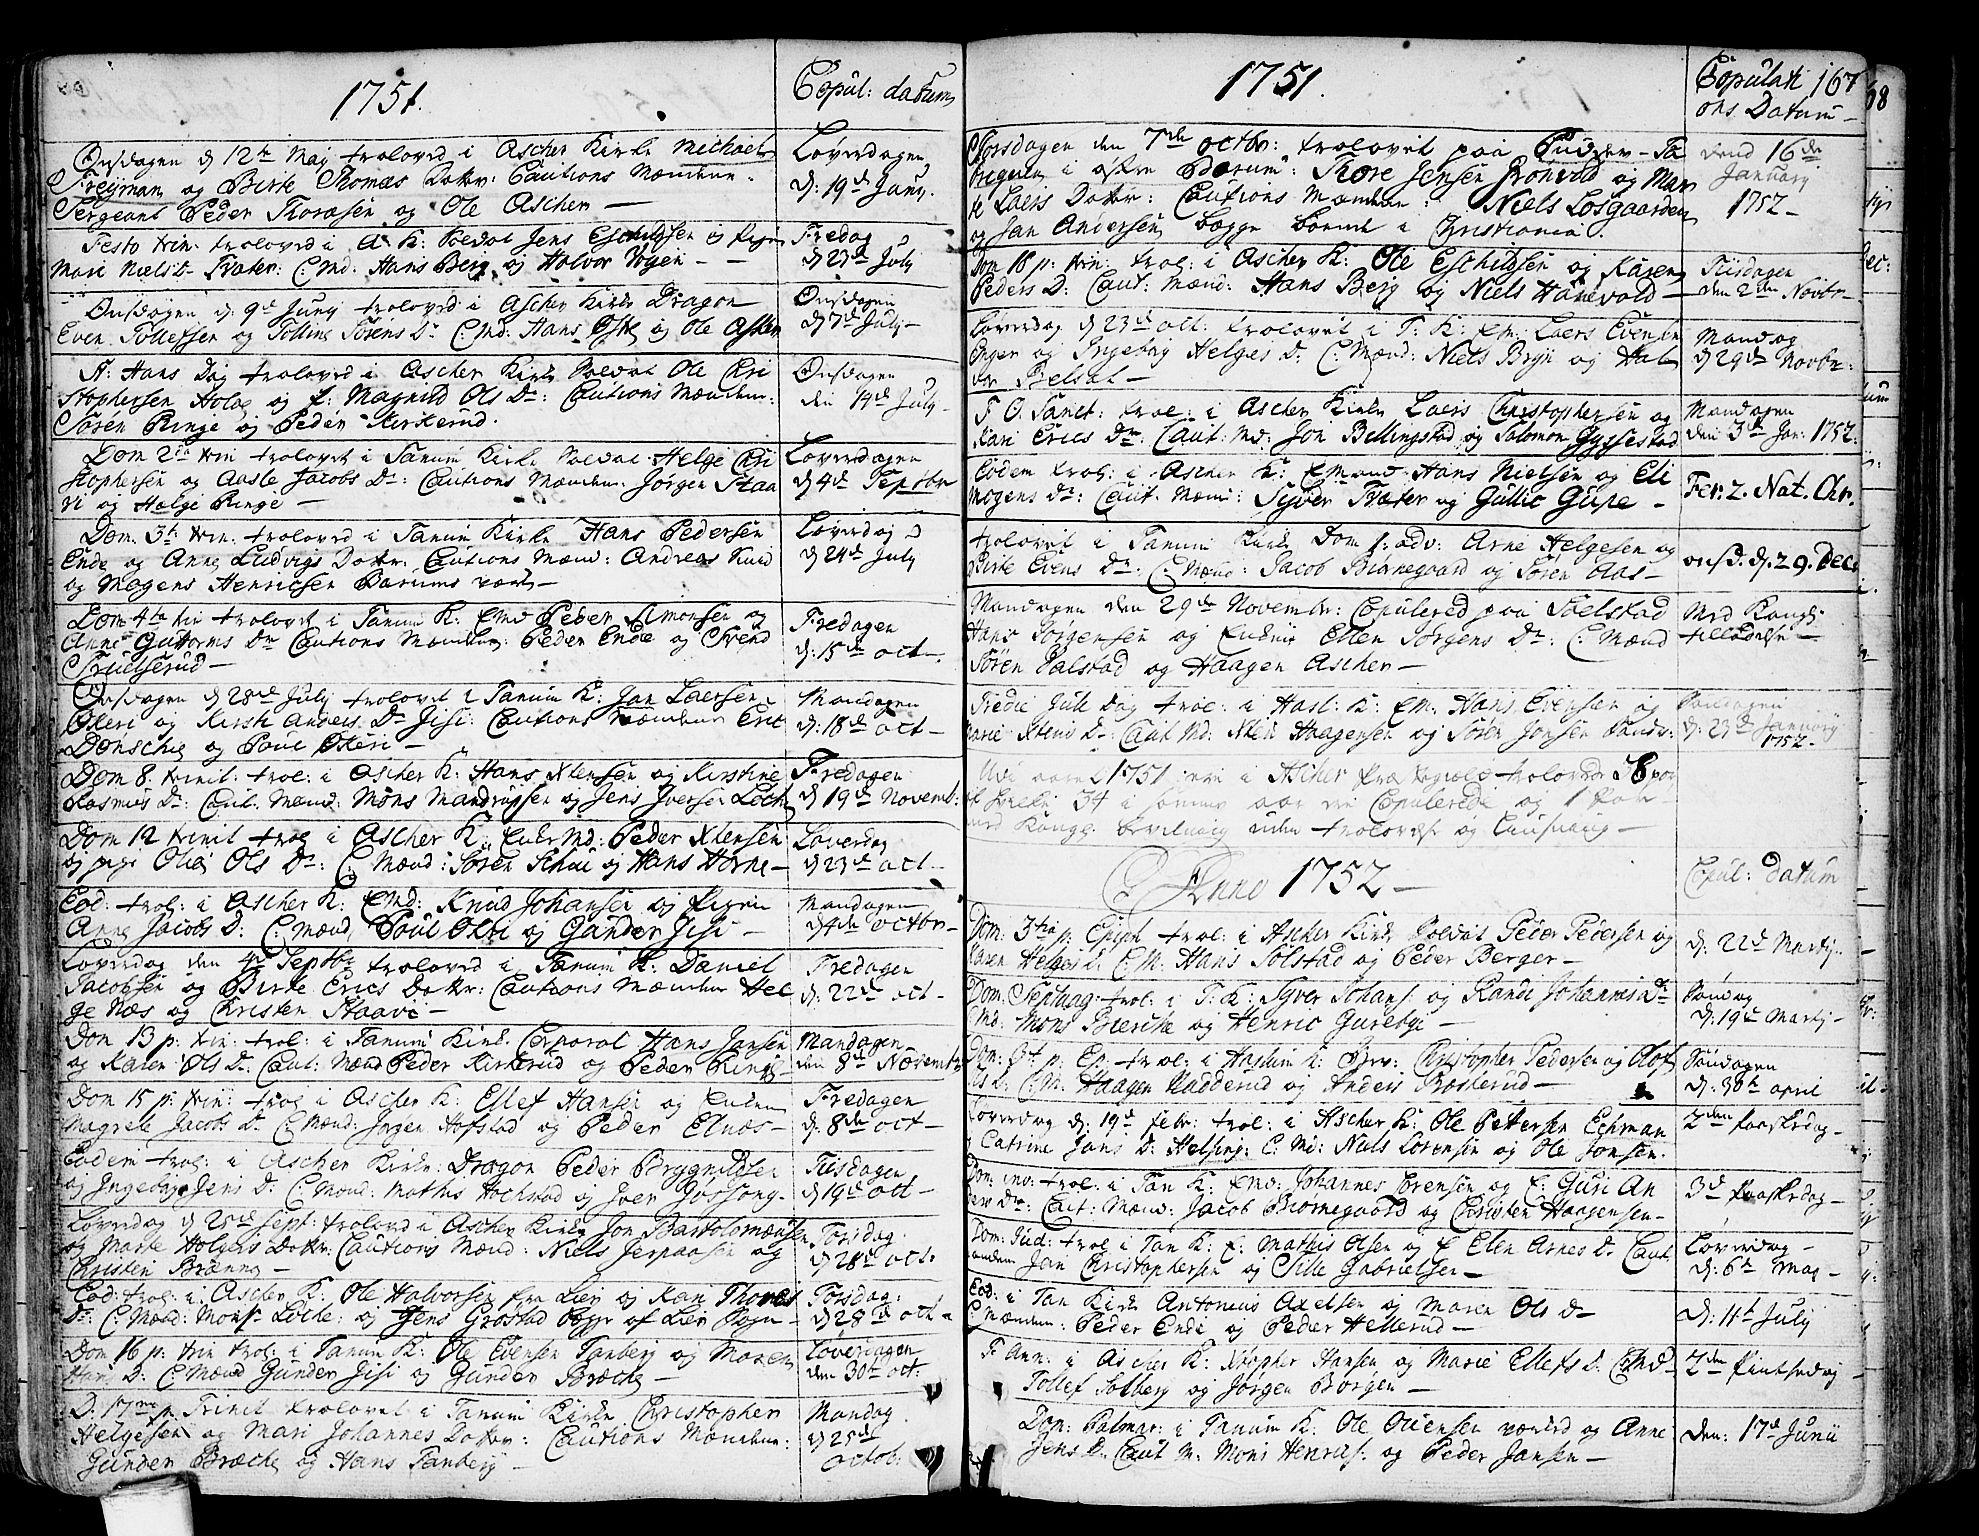 SAO, Asker prestekontor Kirkebøker, F/Fa/L0002: Ministerialbok nr. I 2, 1733-1766, s. 167